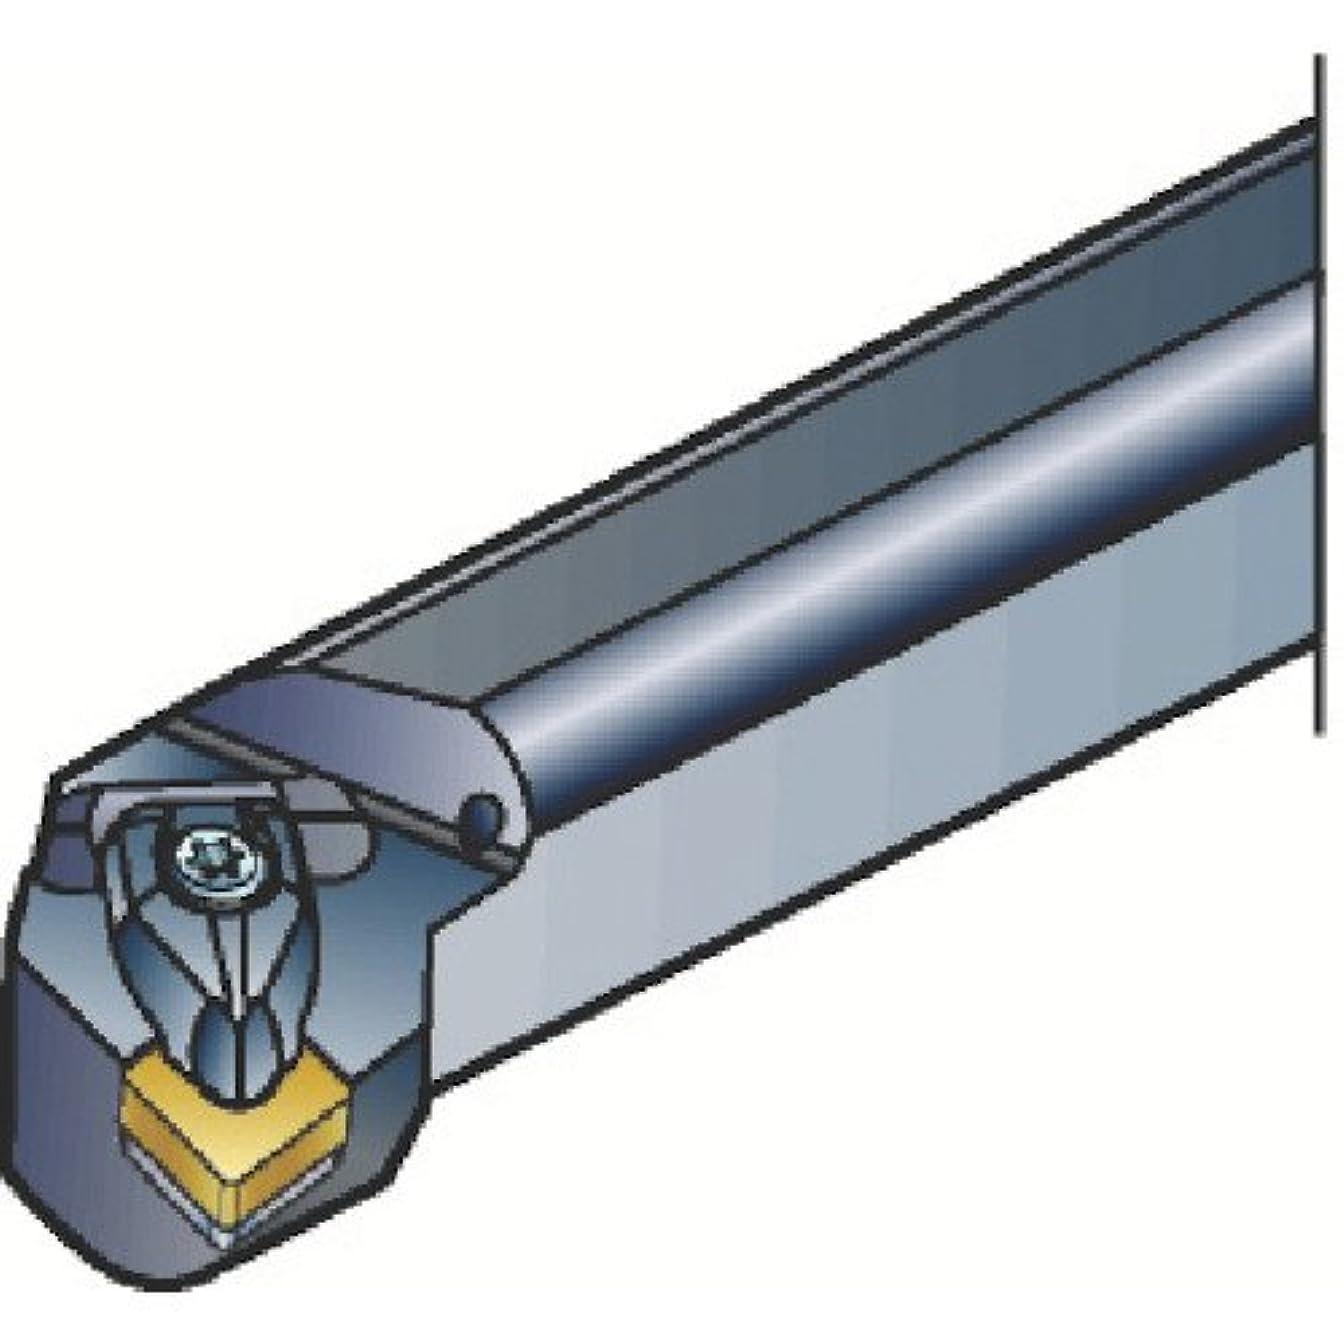 拡大する磁器ナチュラルTRUSCO サンドビック コロターンRC ネガチップ用ボーリングバイト A40TDCLNR12